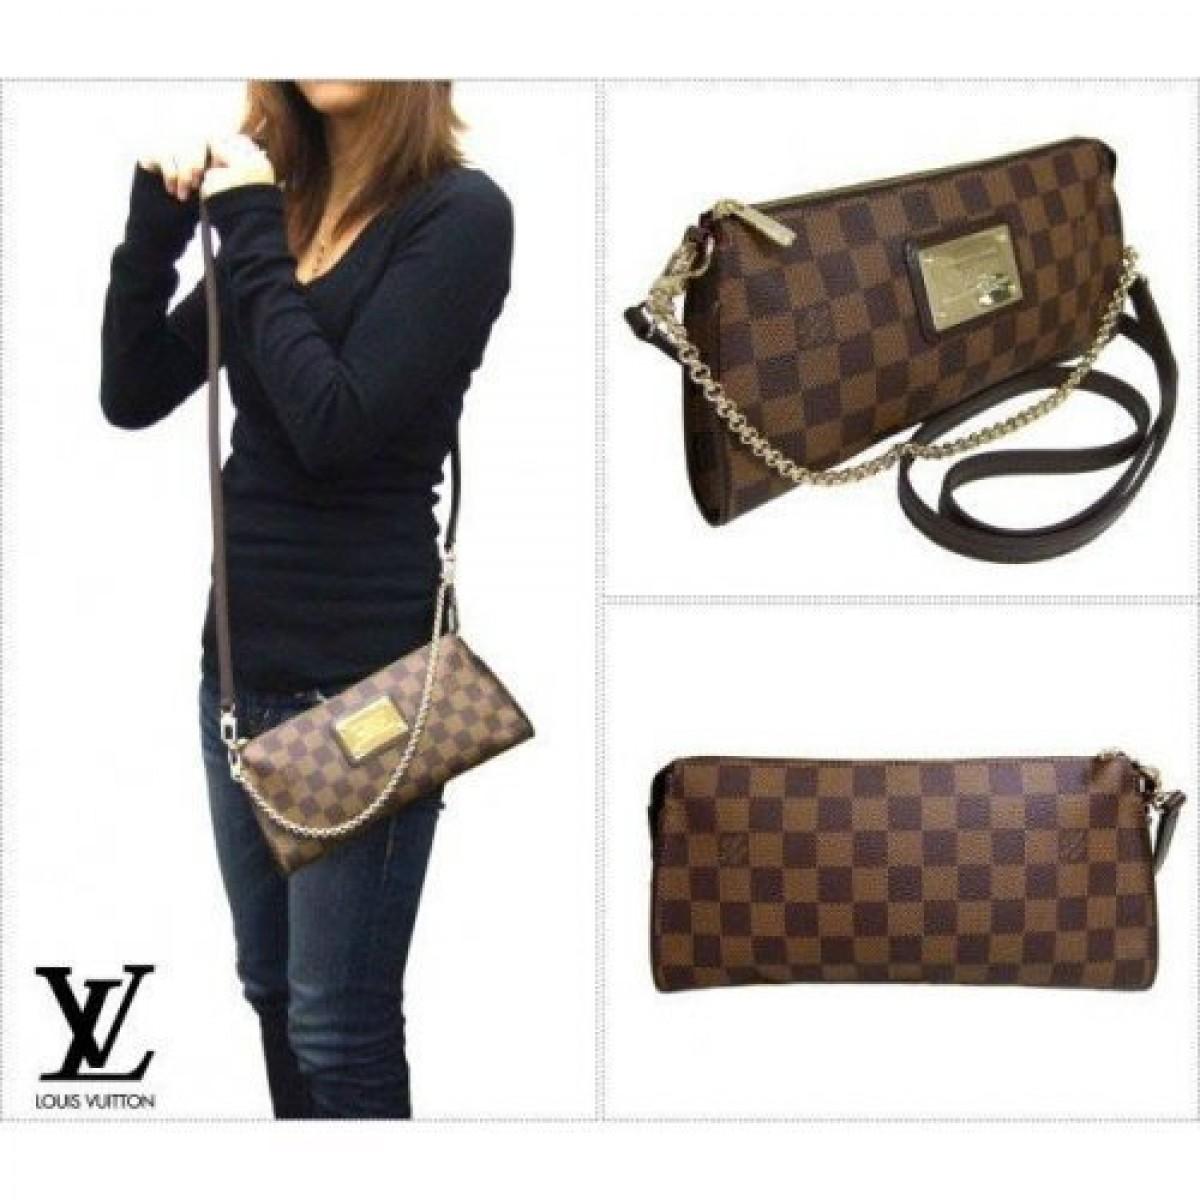 132b8e7bc Comprar Bolsas Louis Vuitton Replicas | The Art of Mike Mignola